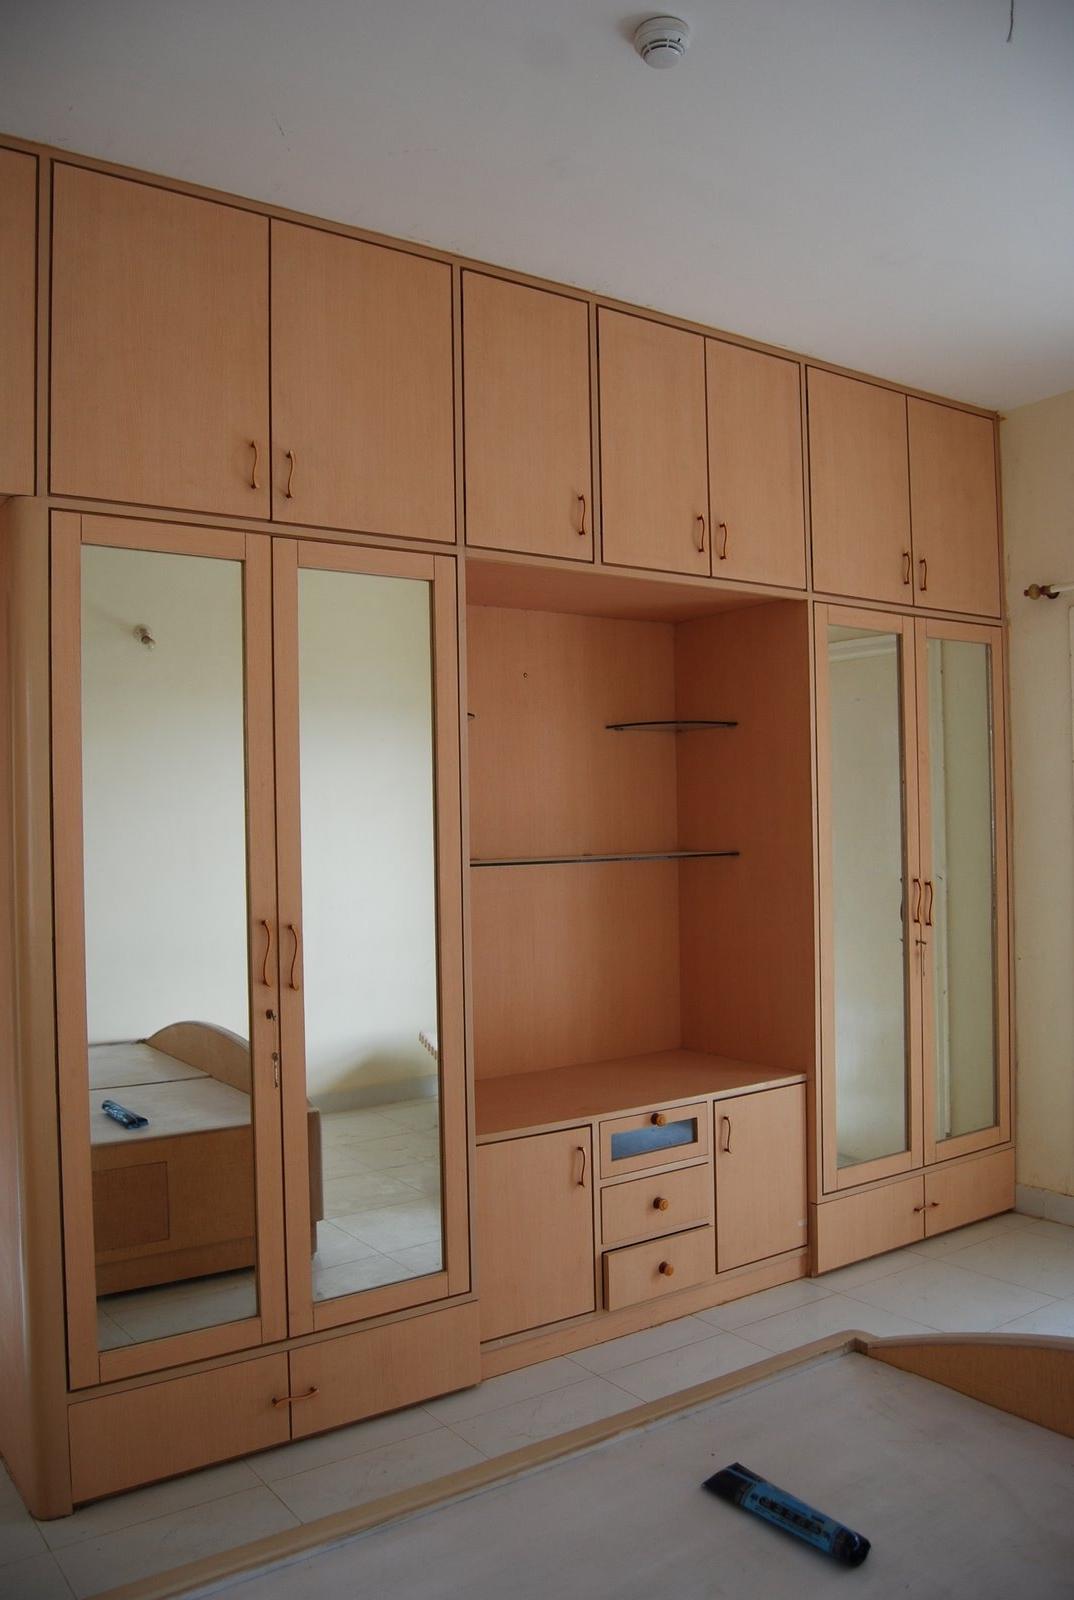 Armoires dans le couloir avec une façade ouverte